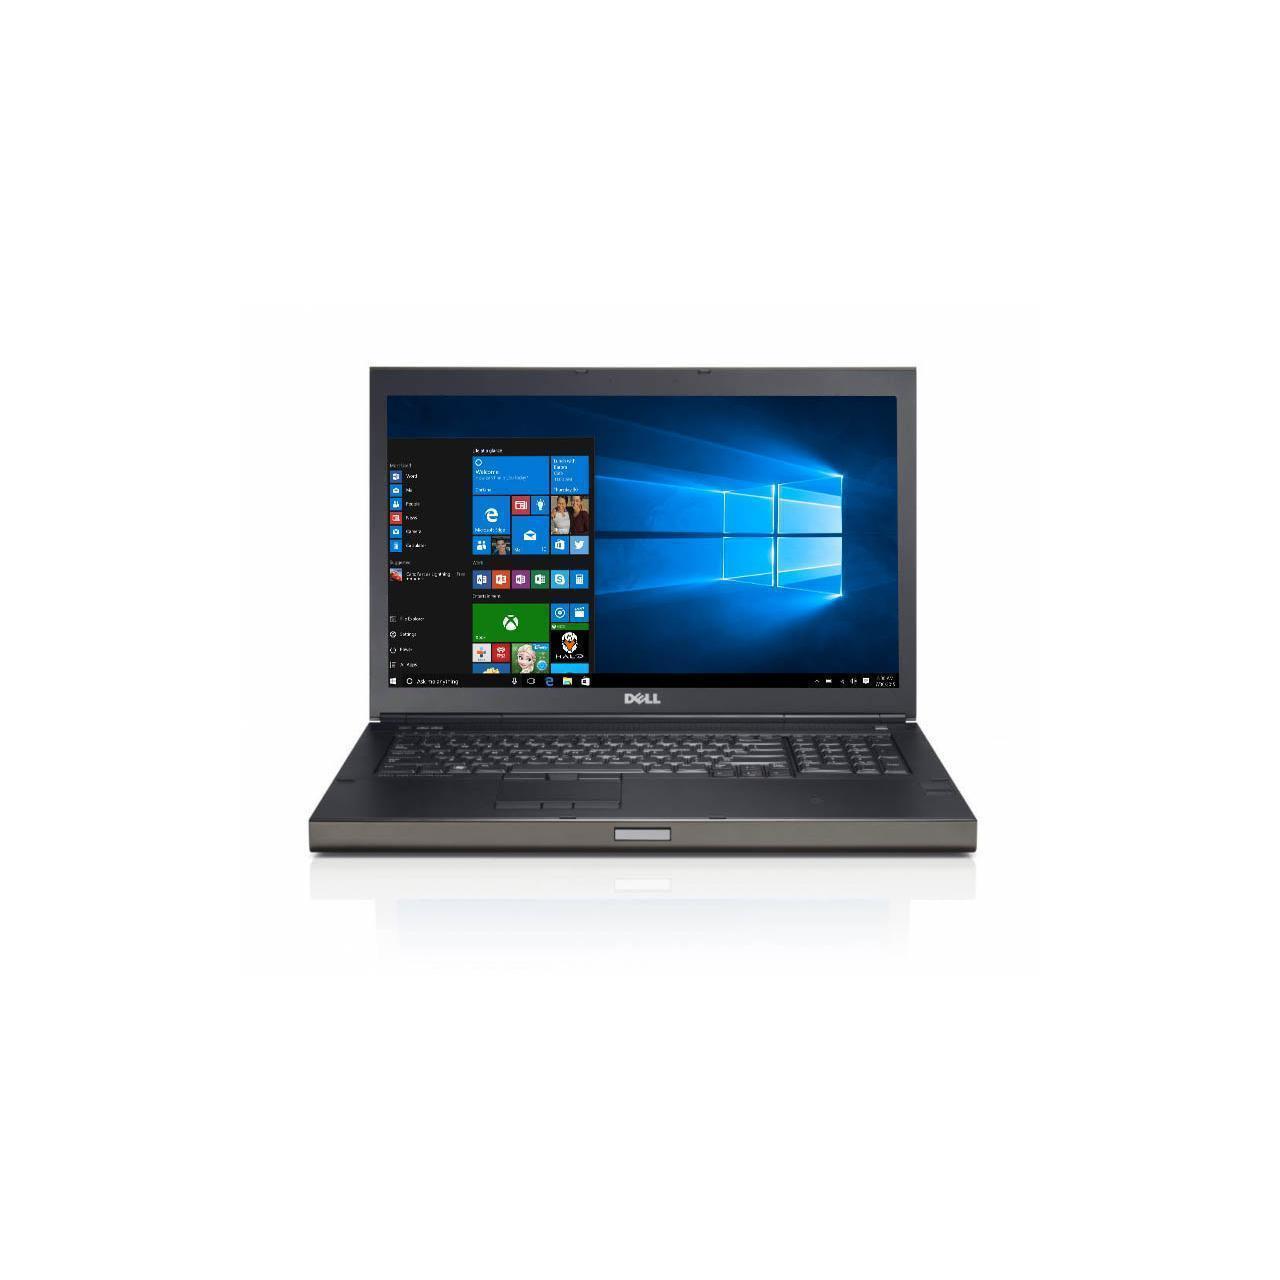 Dell Precision M6800 17.3-inch (2015) - Core i7-4810MQ - 8 GB  - SSD 256 GB